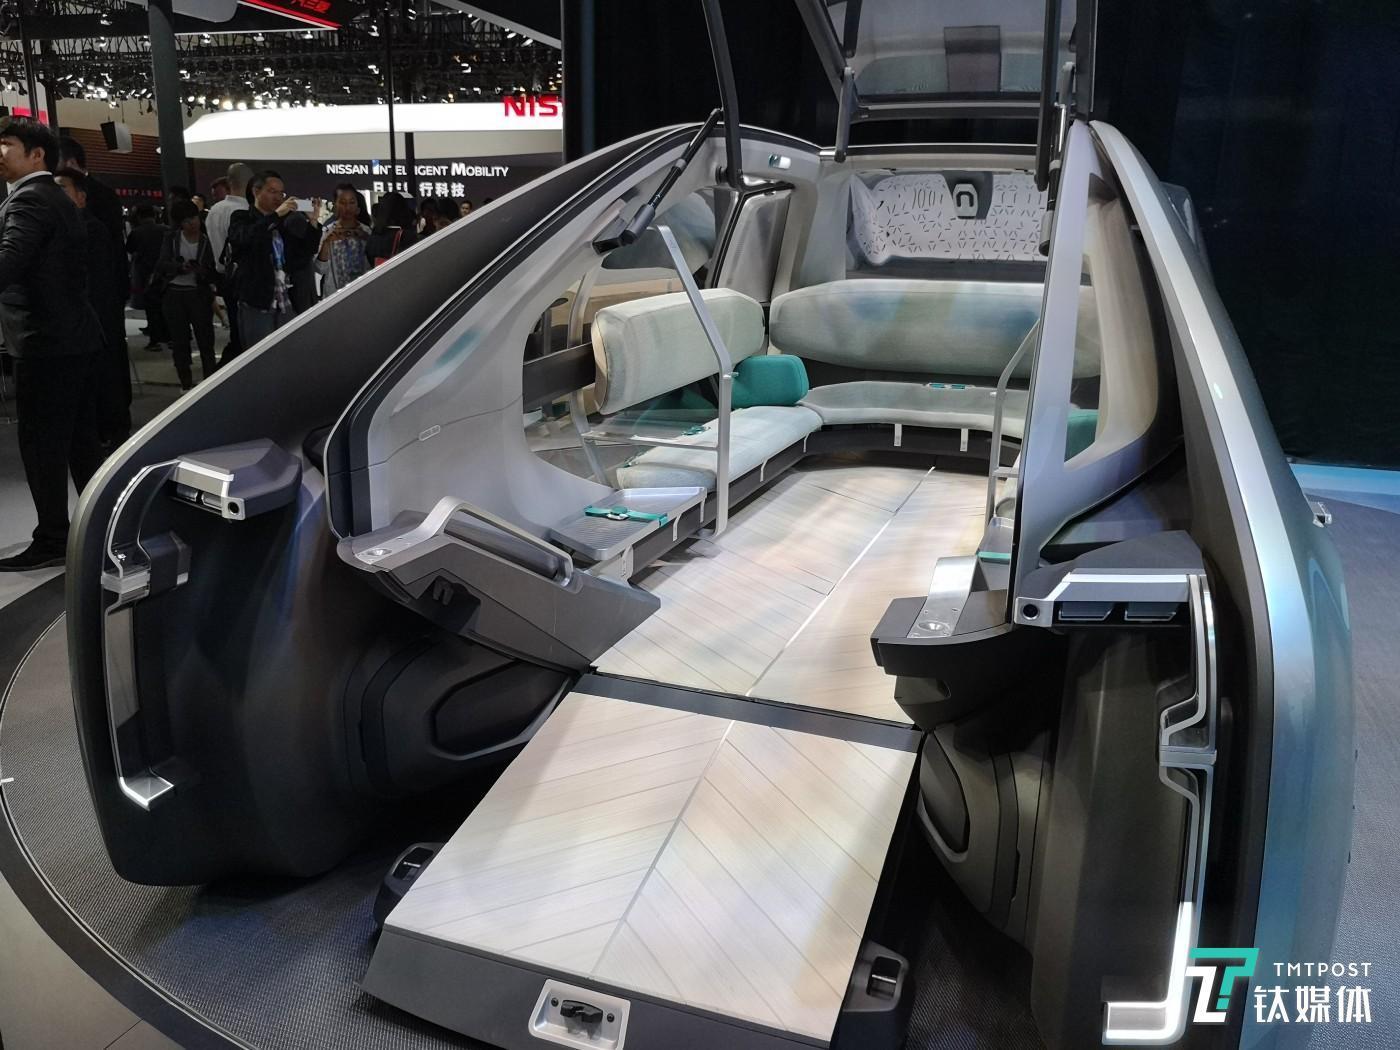 环形沙发设计,可乘坐6名乘客